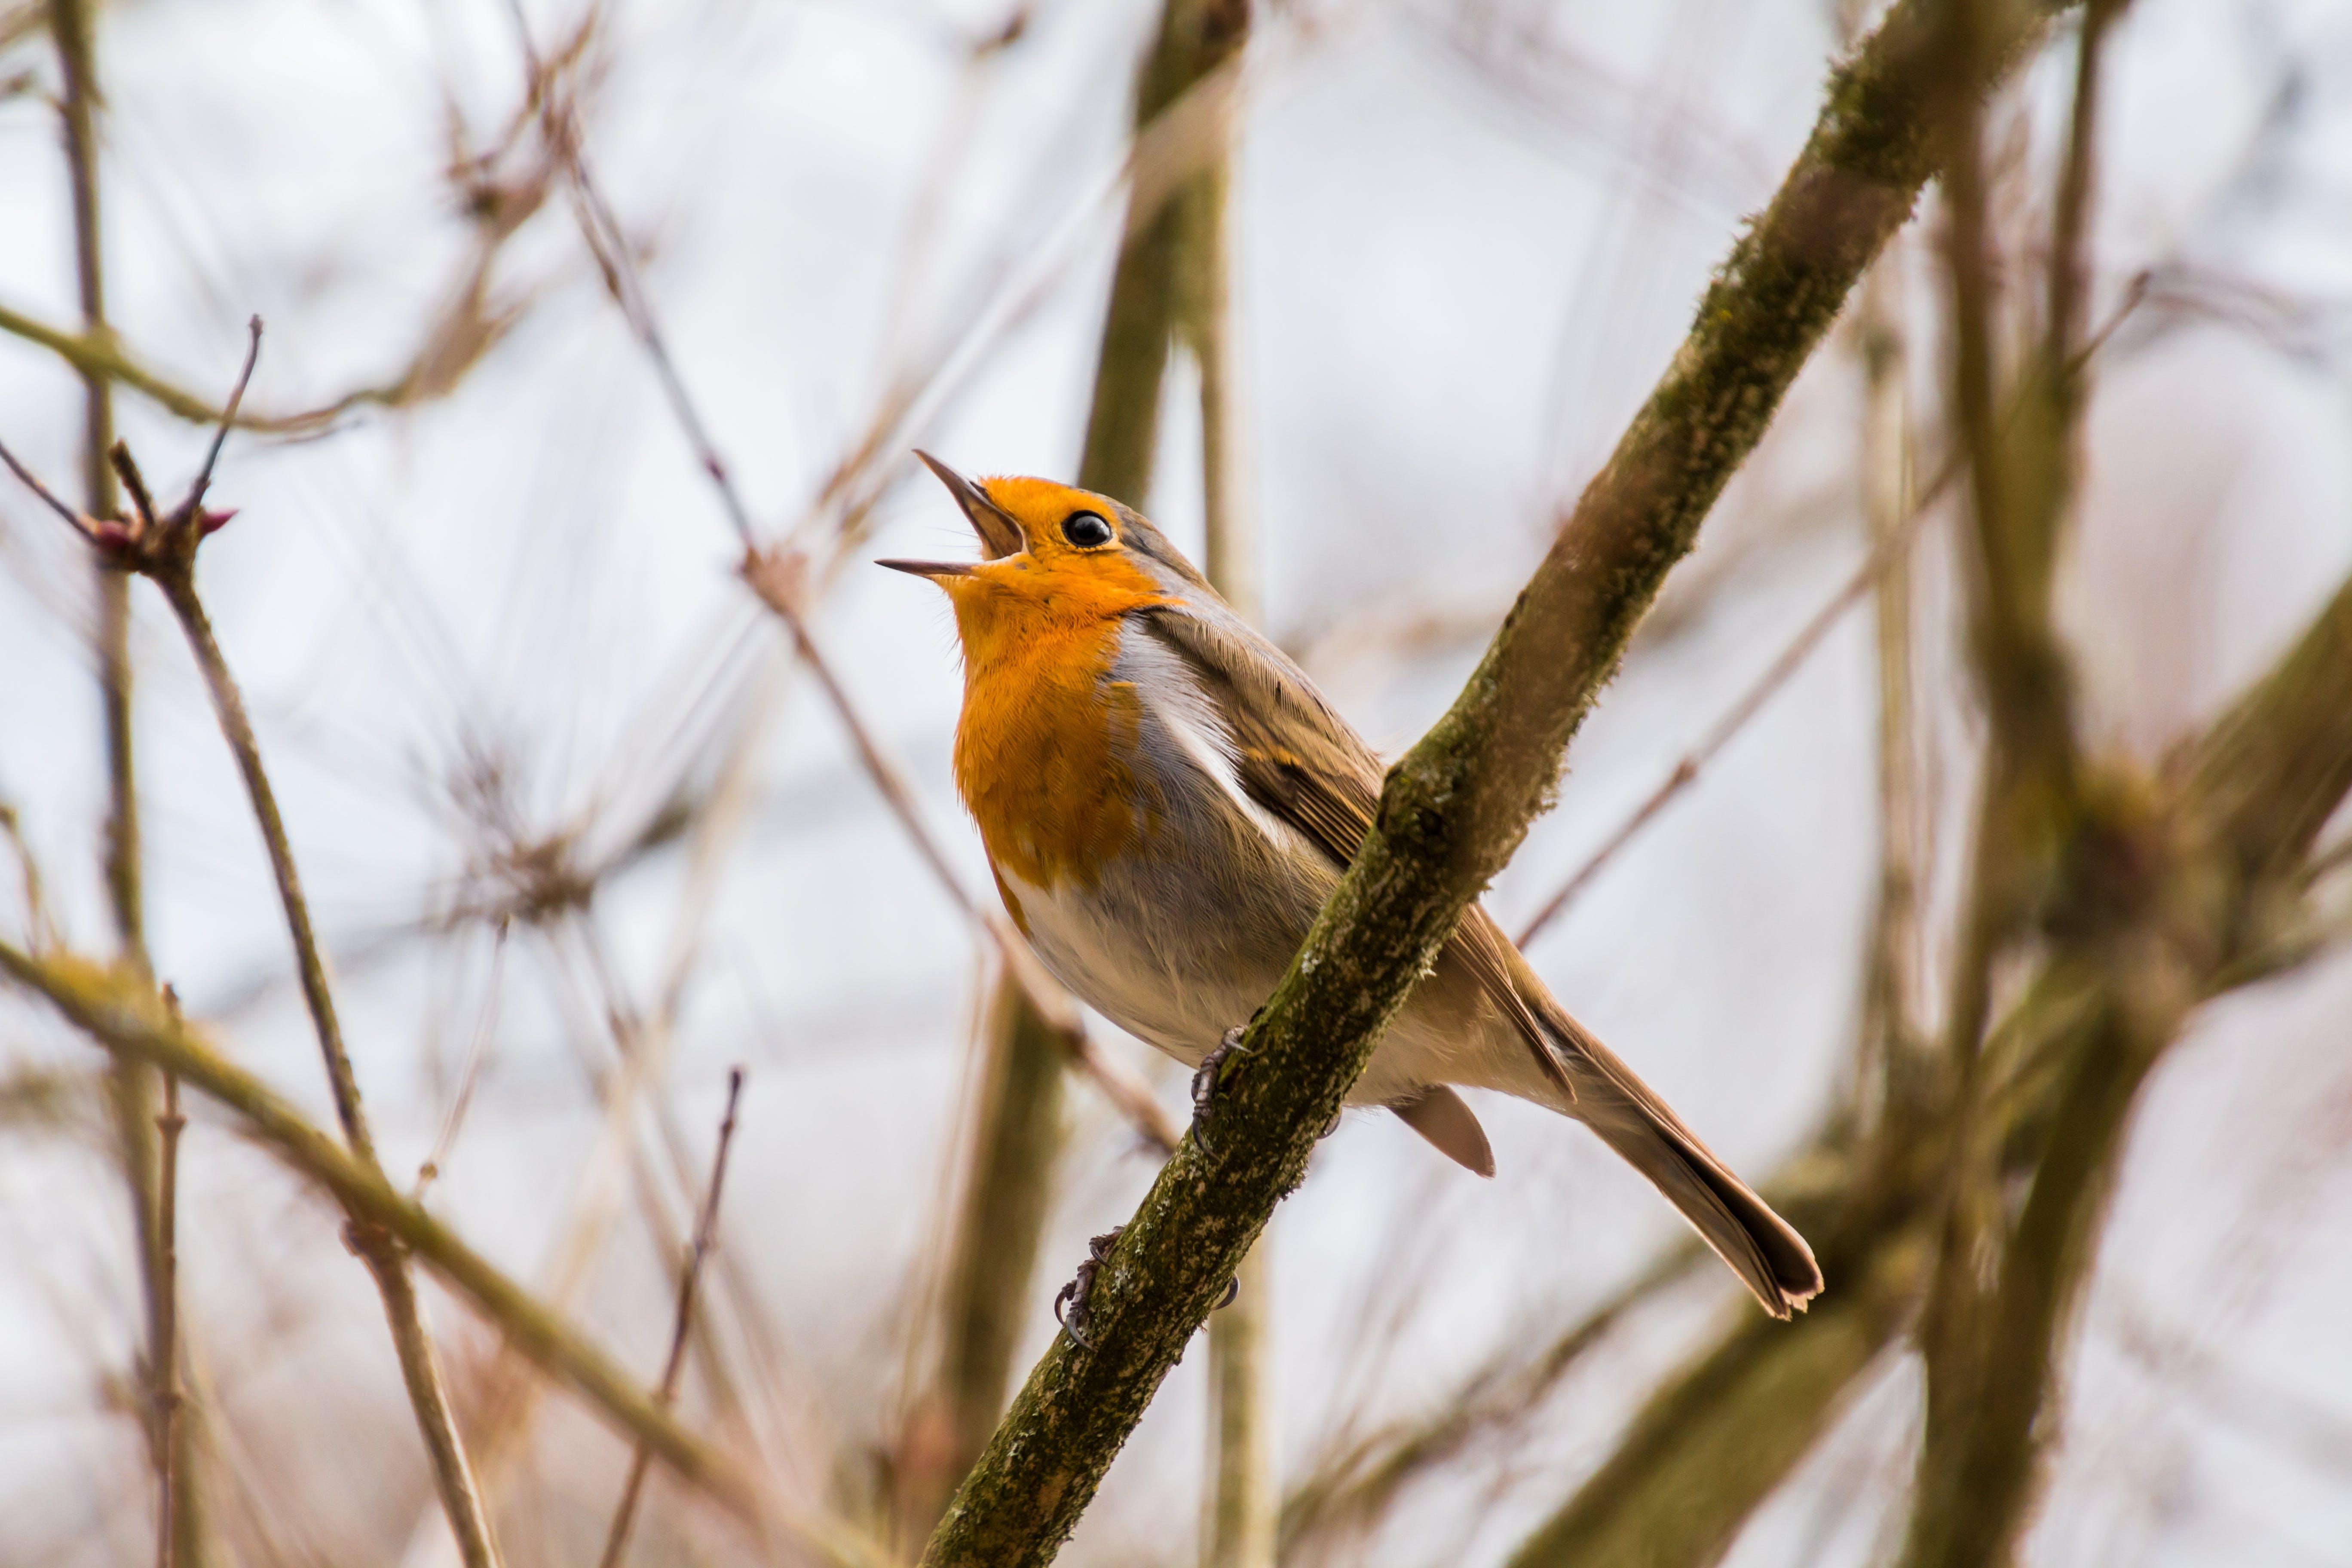 Kostenloses Stock Foto zu vogel, tier, sitzen, frühling